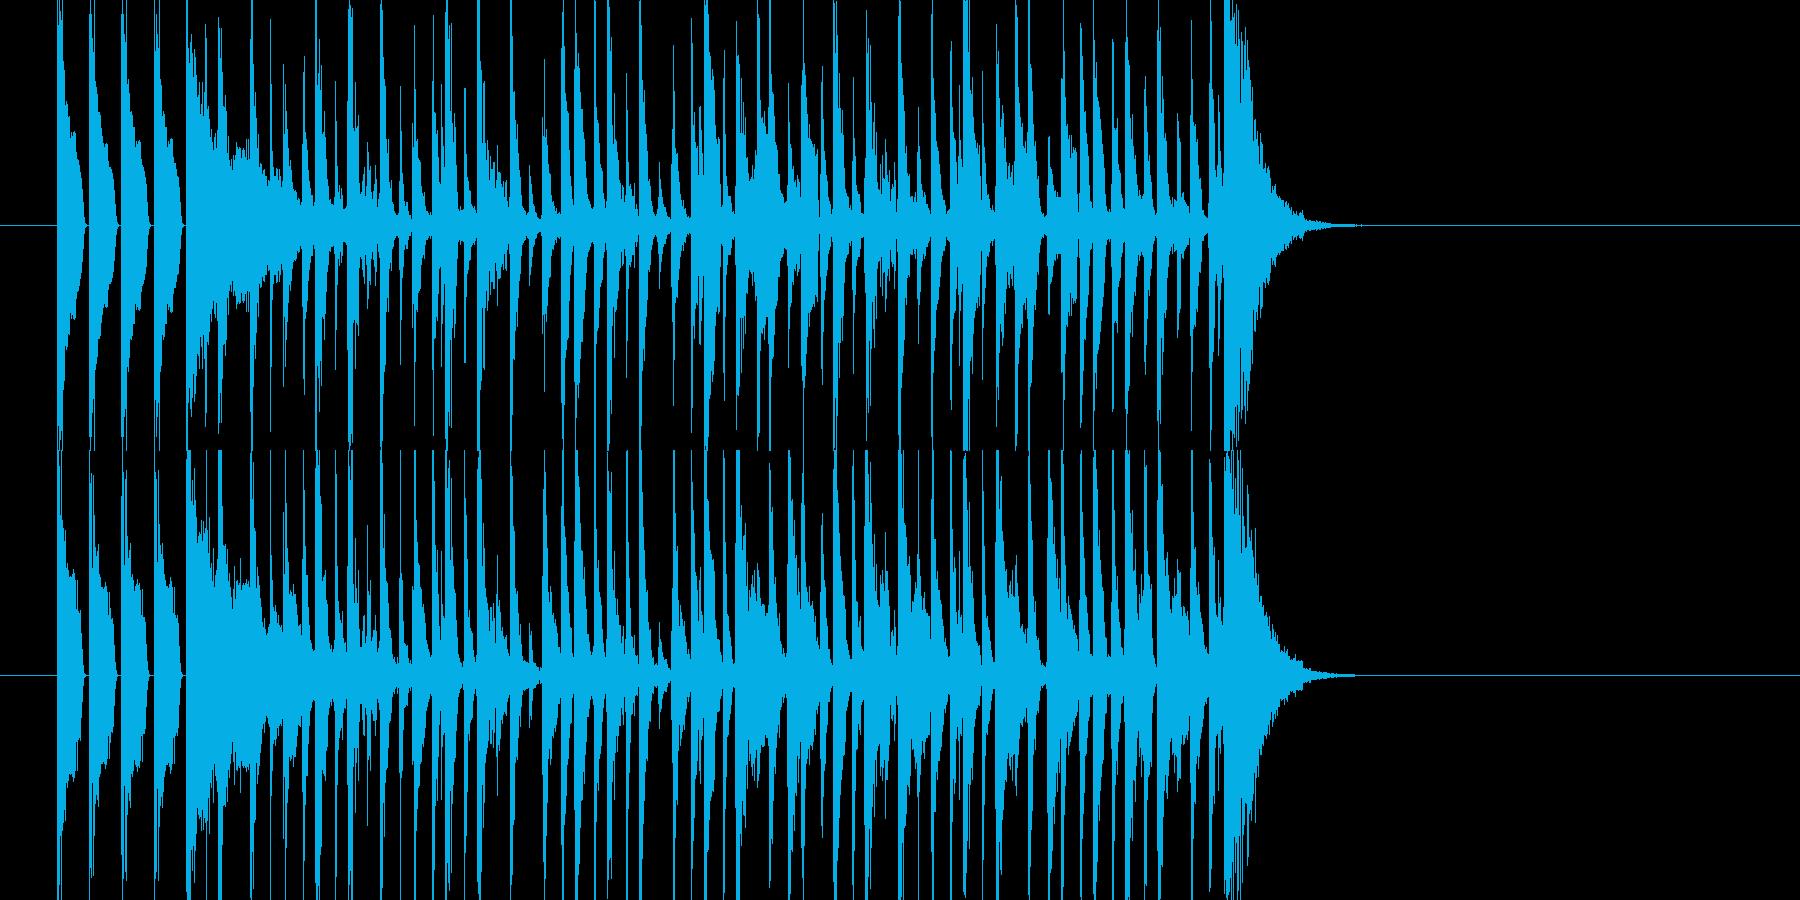 クイズ 出題の再生済みの波形